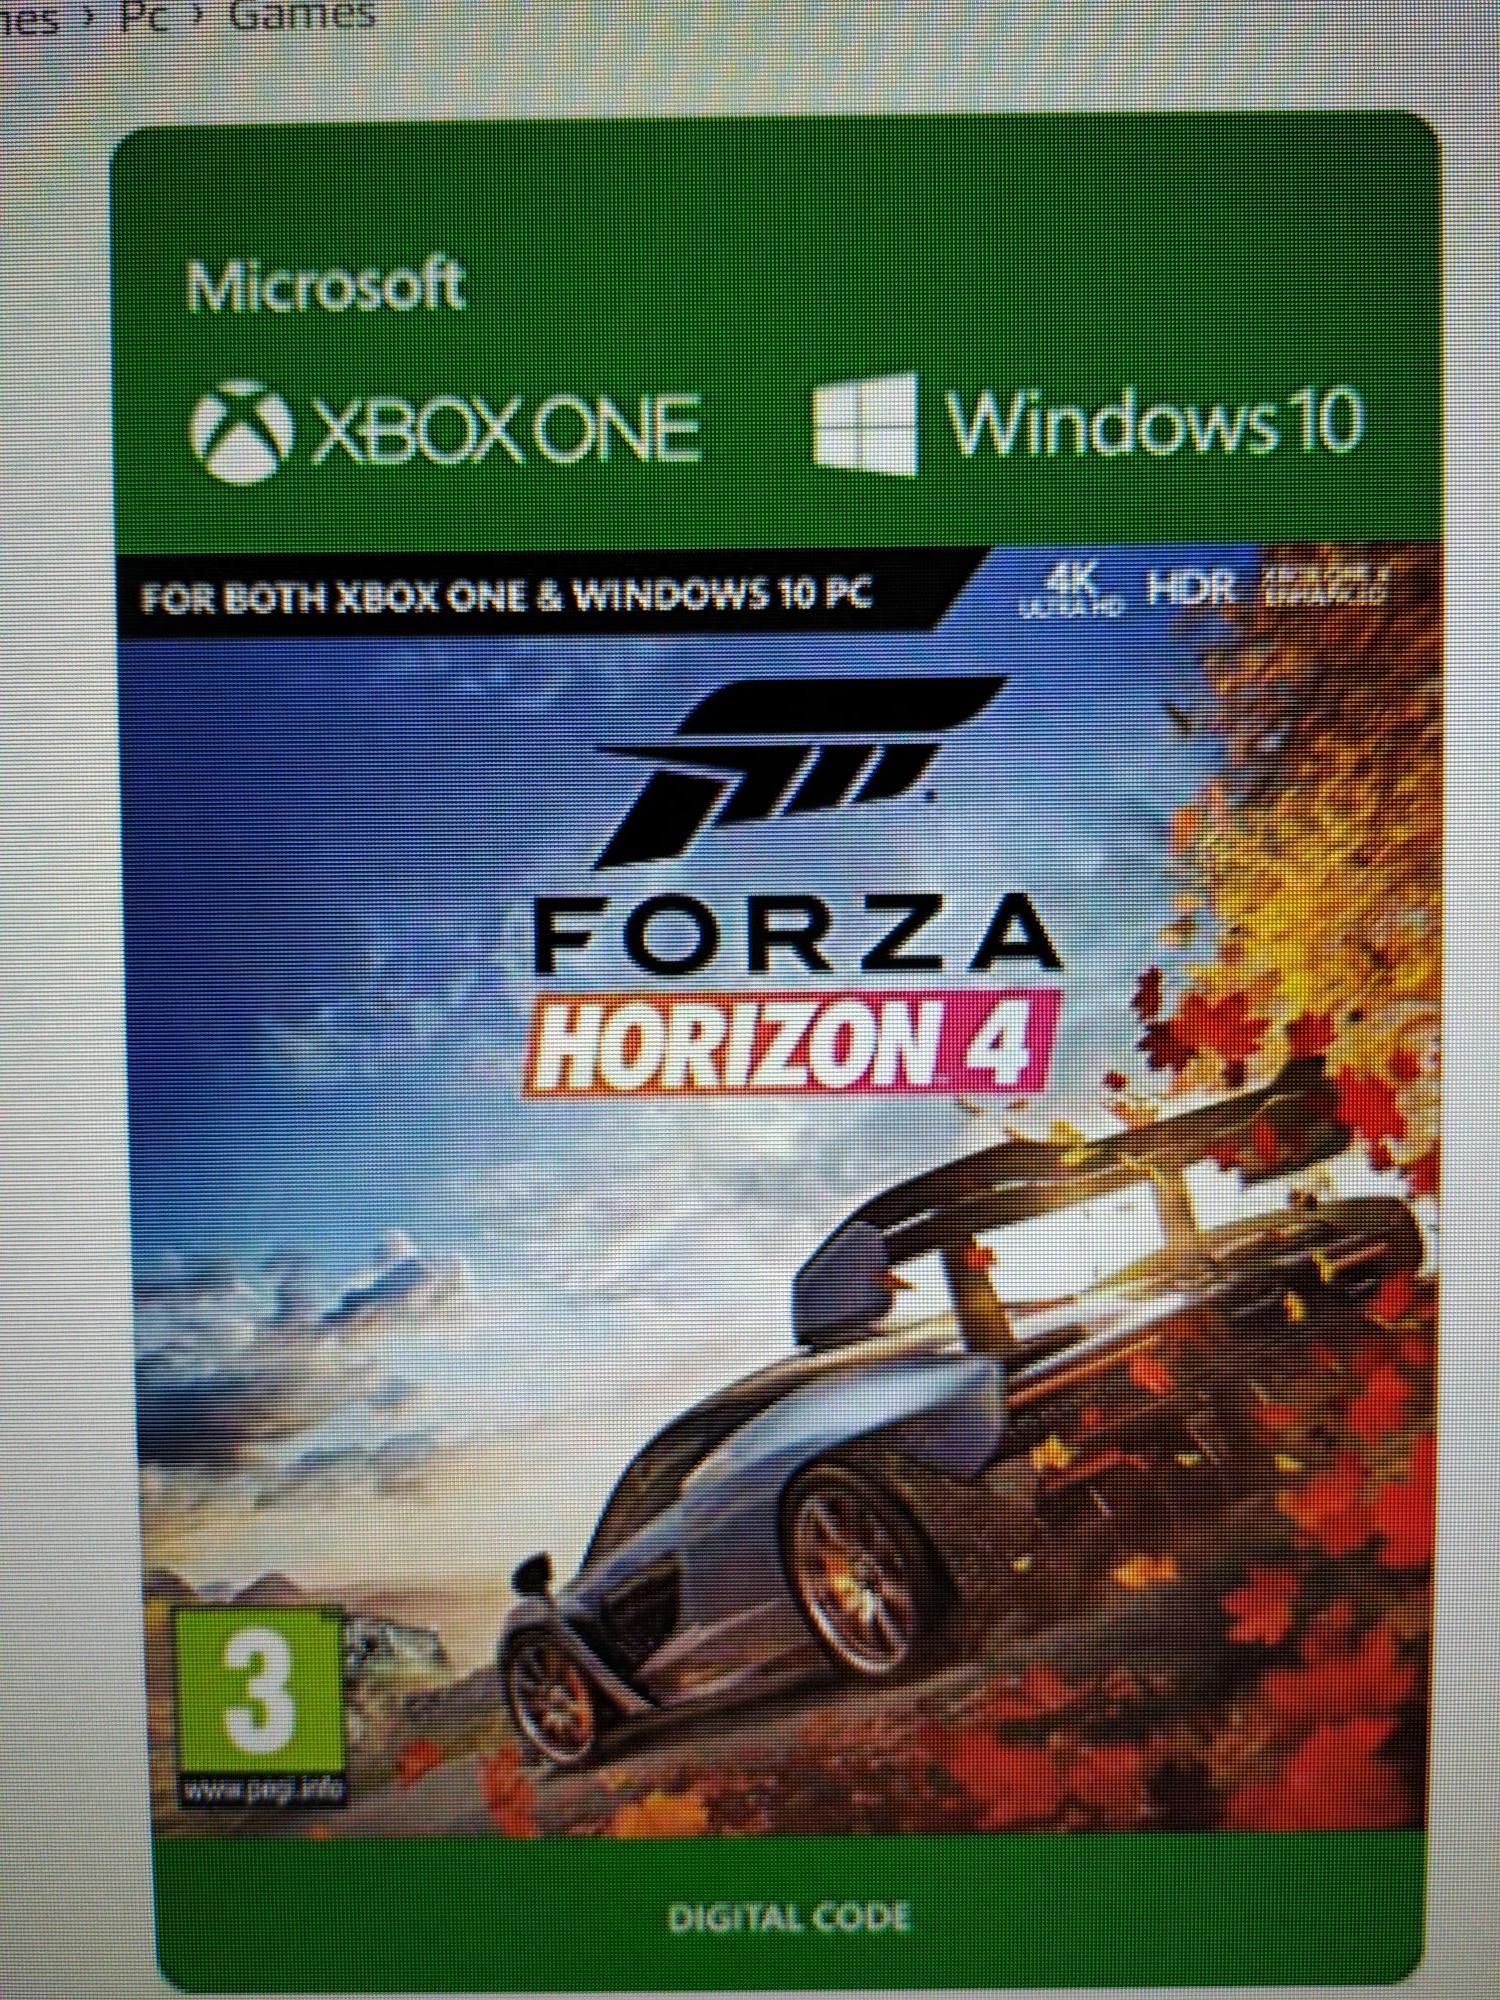 Forza Horizon 4 Xbox/Windows 10 code @Amazon.de